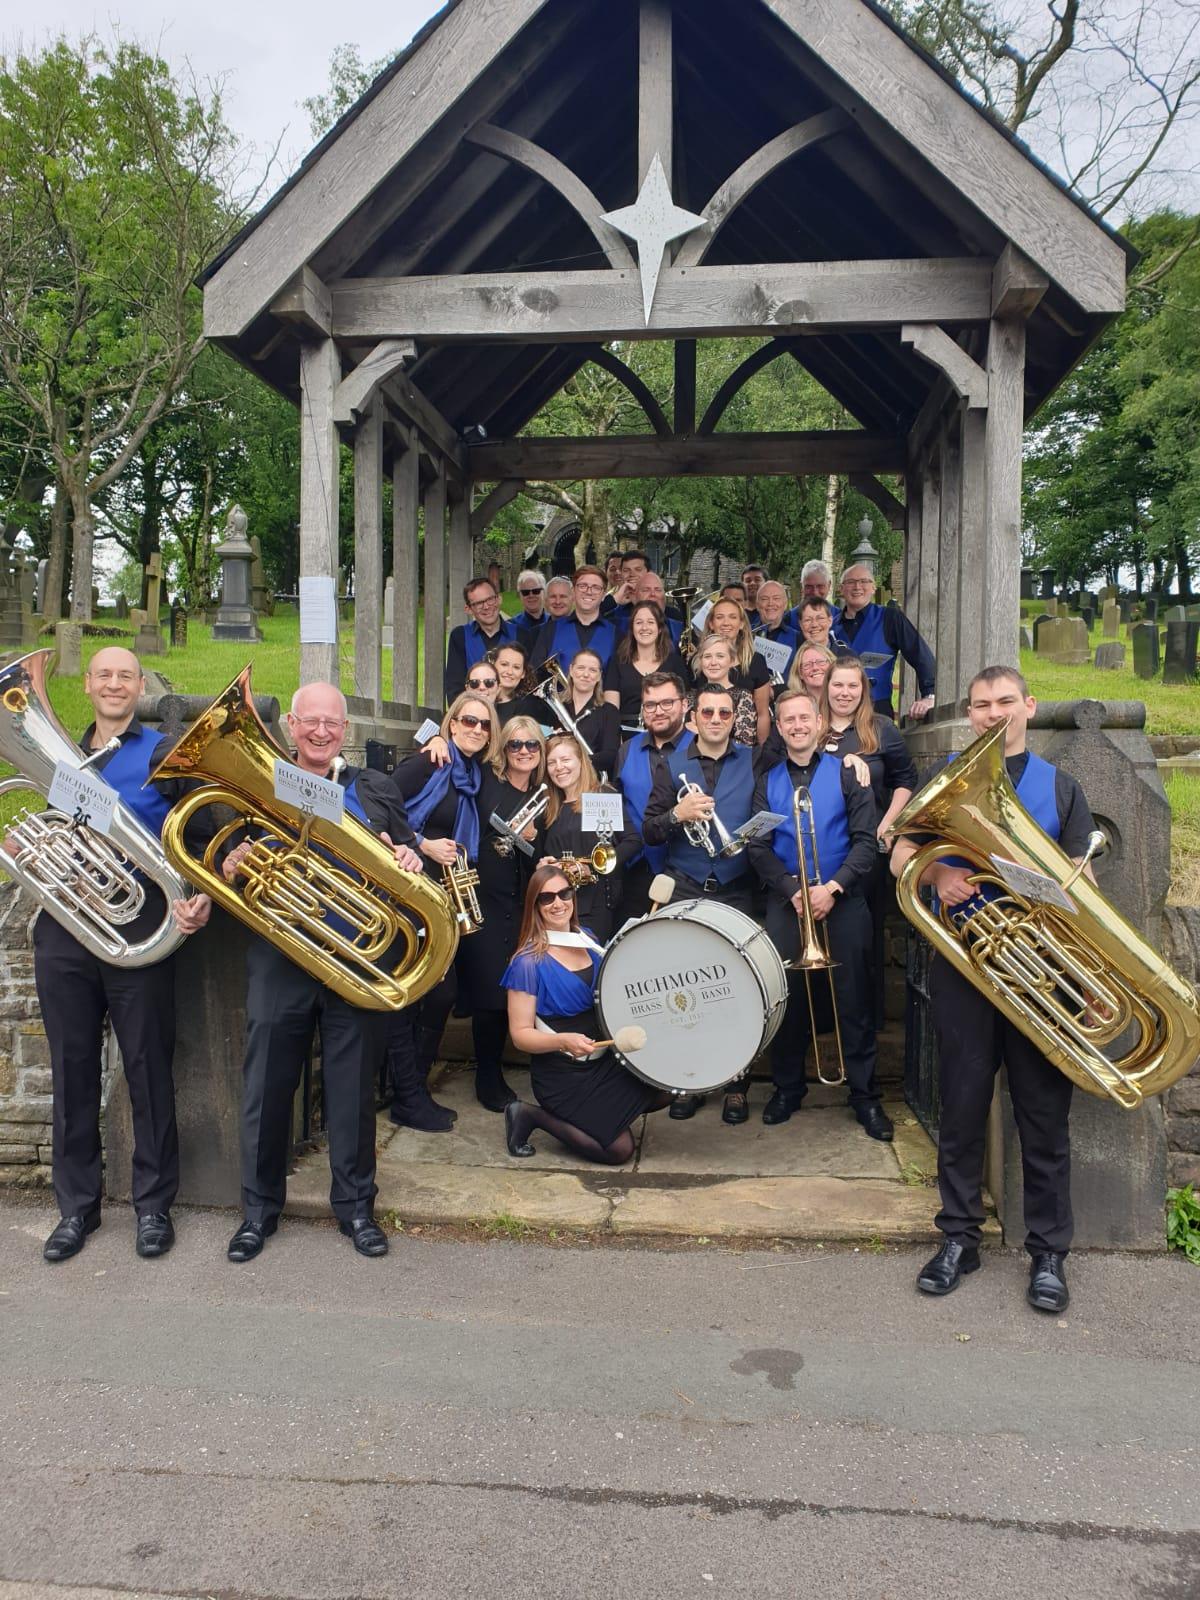 Richmond Brass Band under an arch in Denshaw